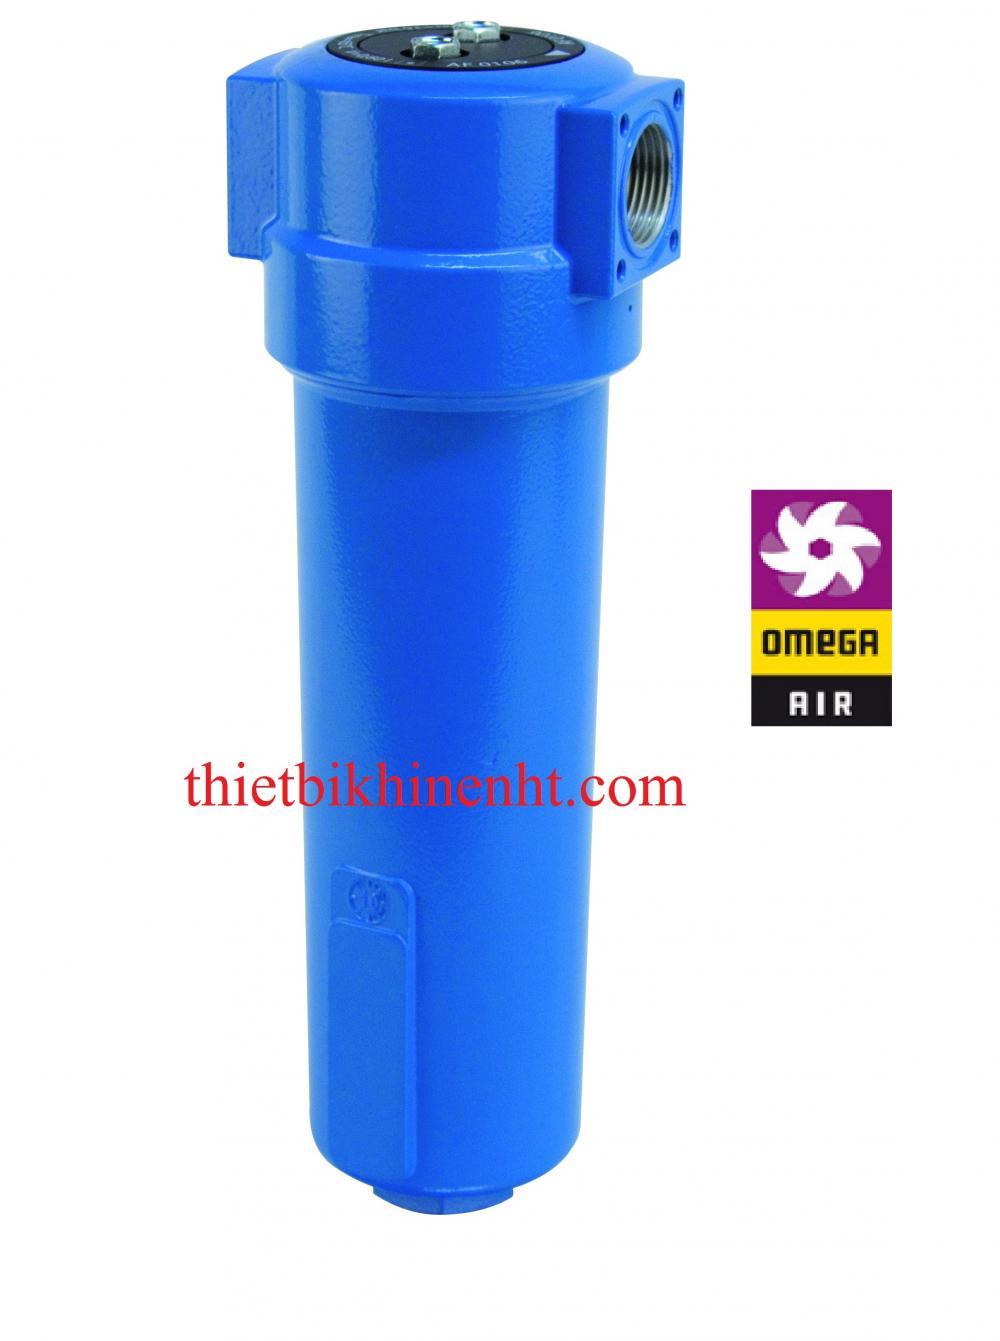 Bộ lọc đường ống khí nén Omega air model AF